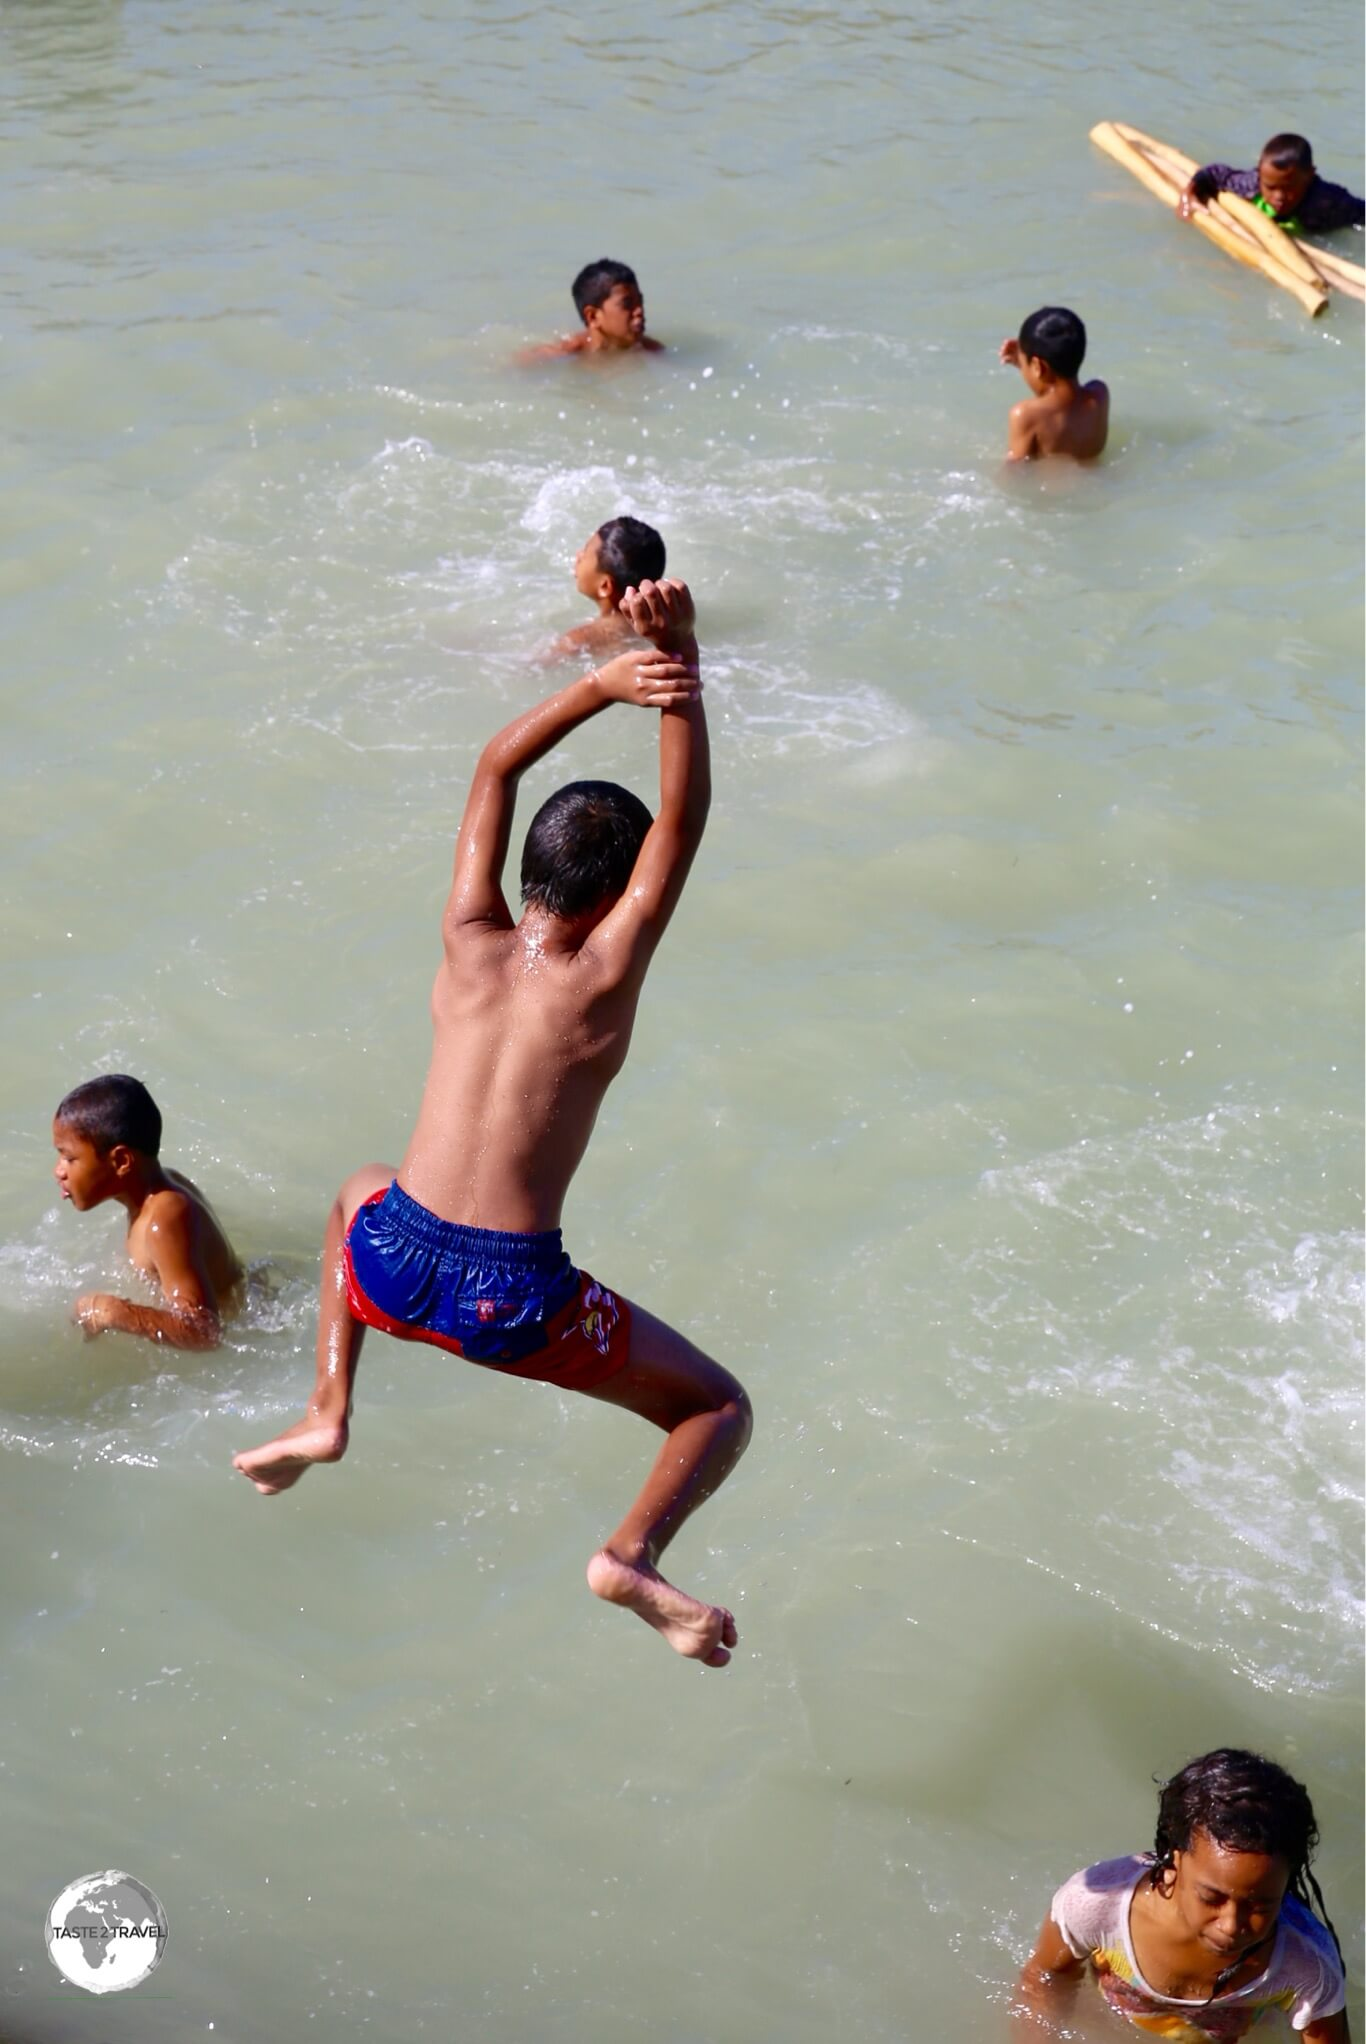 Swimming in the harbour at Nuku'alofa.